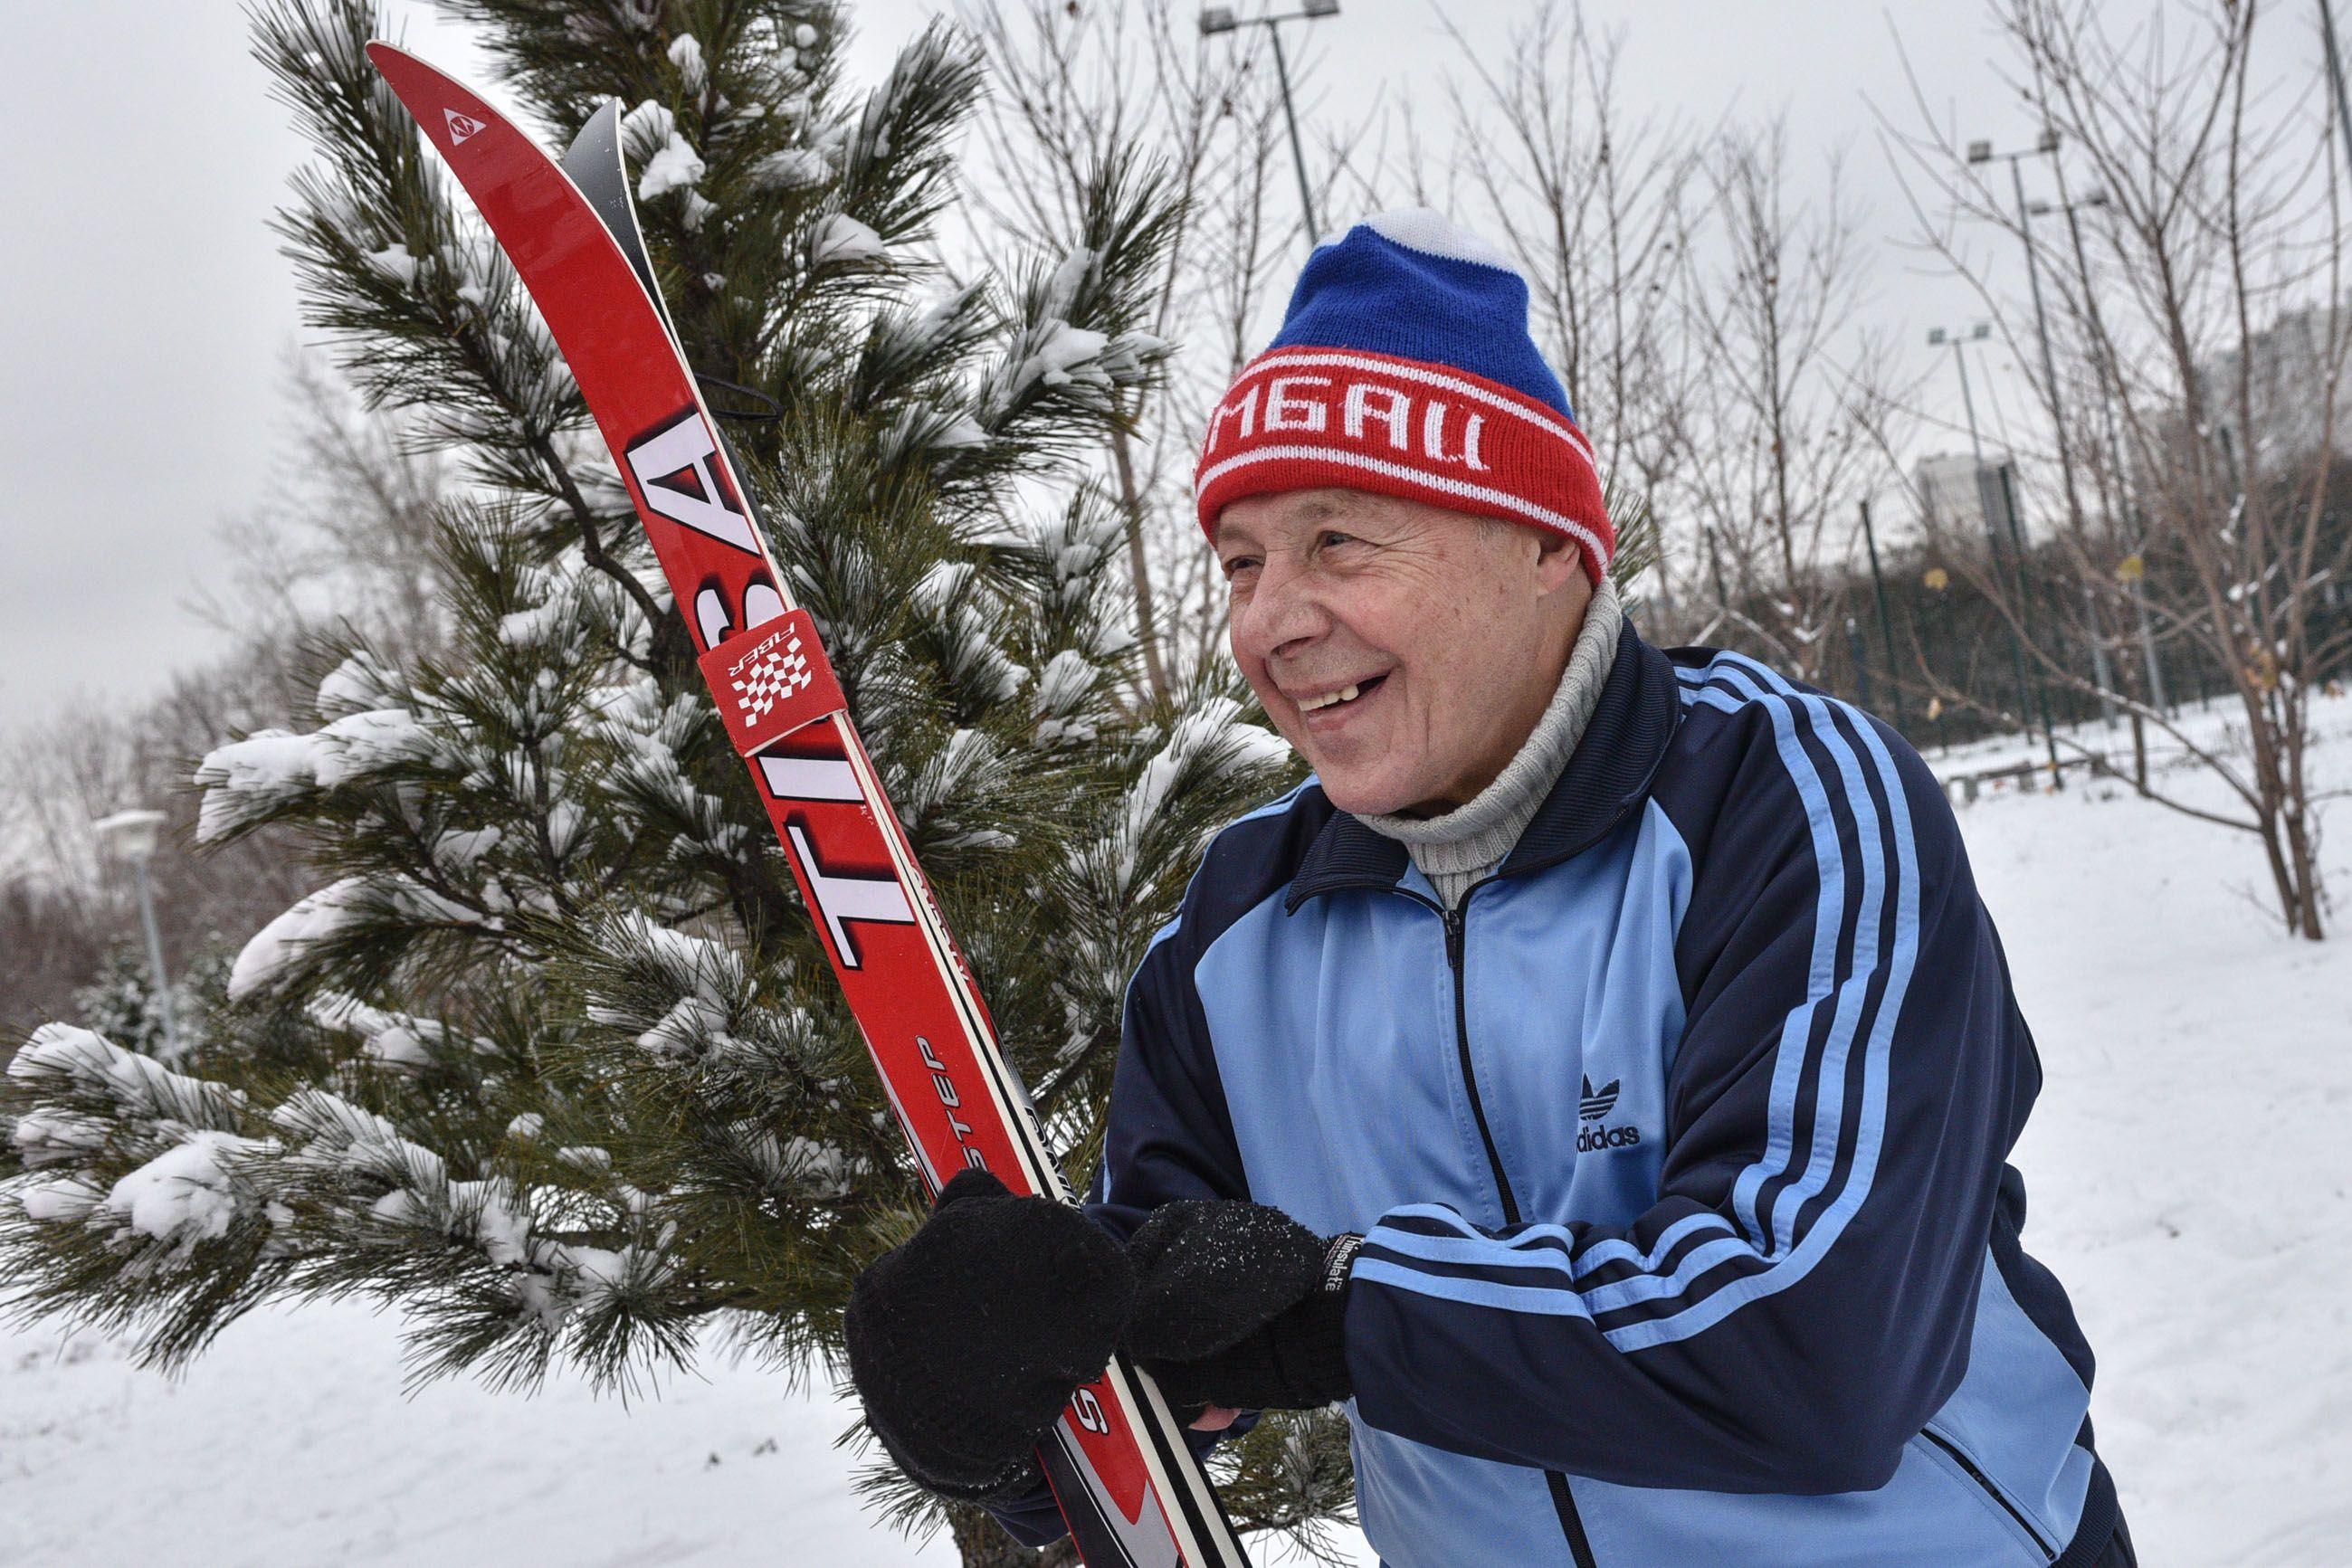 Москвичам напомнили о правилах занятий спортом на морозе